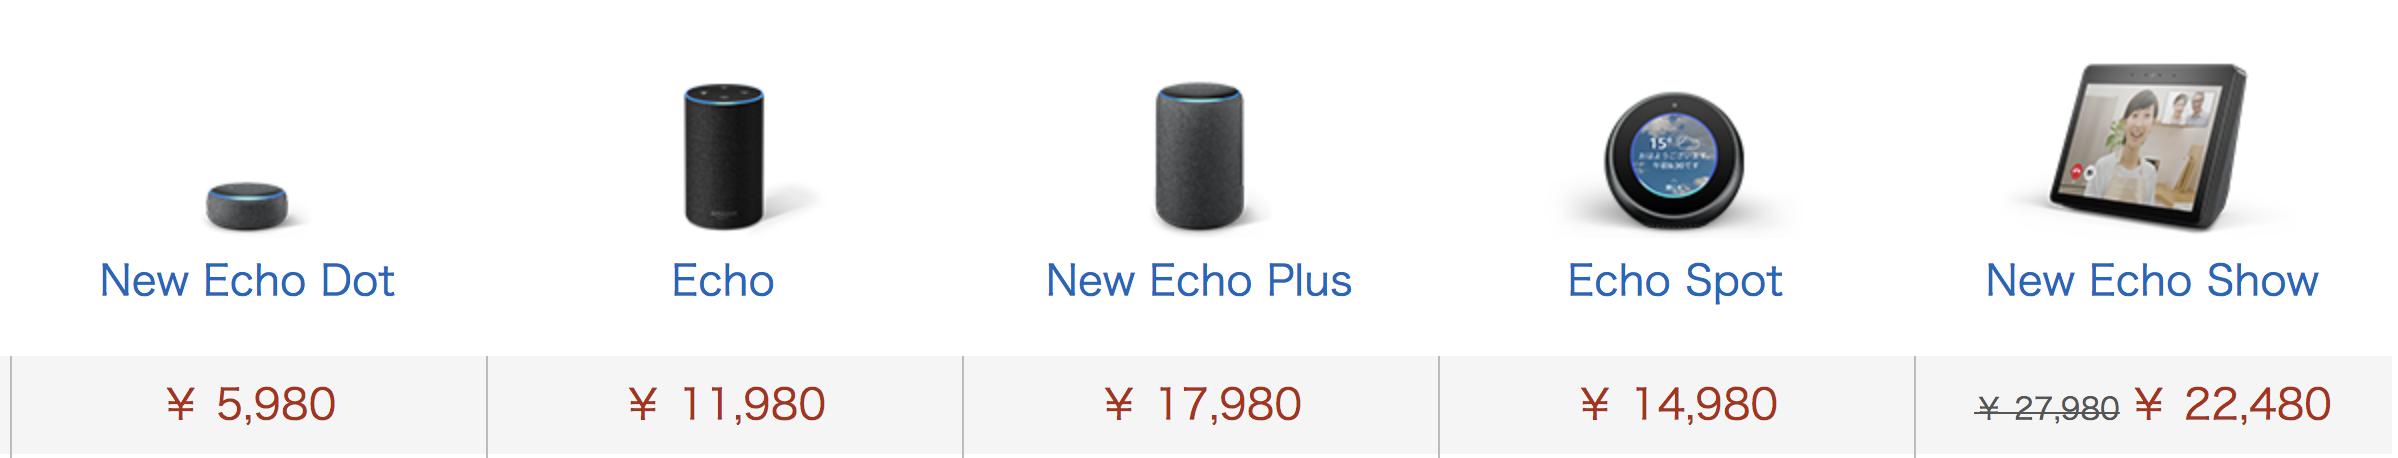 各Amazon Echoの商品画像と価格